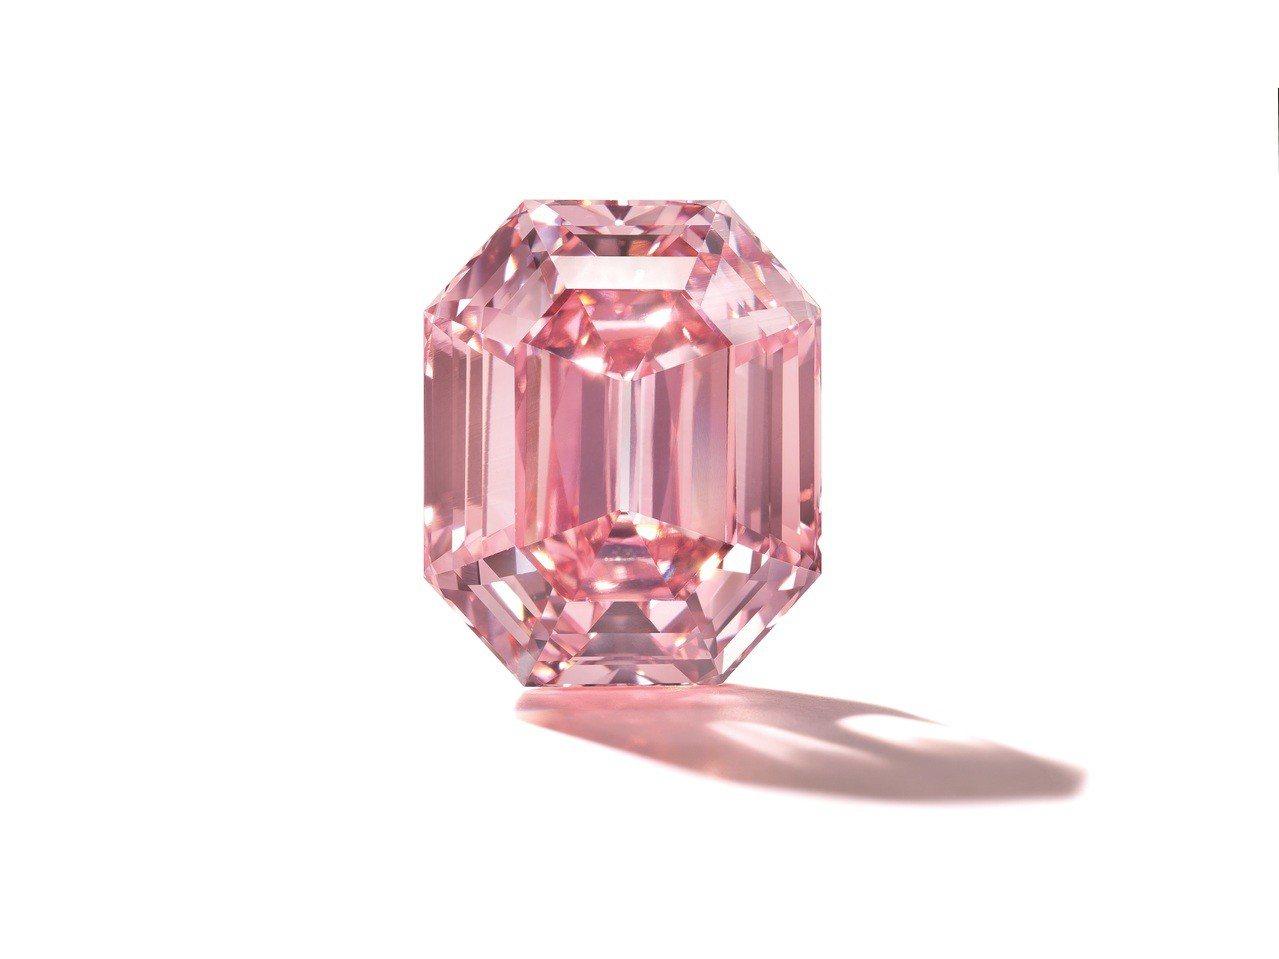 日內瓦秋拍焦點為一枚18.96克拉的巨大鮮彩粉紅鑽,估價約9億1,700萬元。圖...